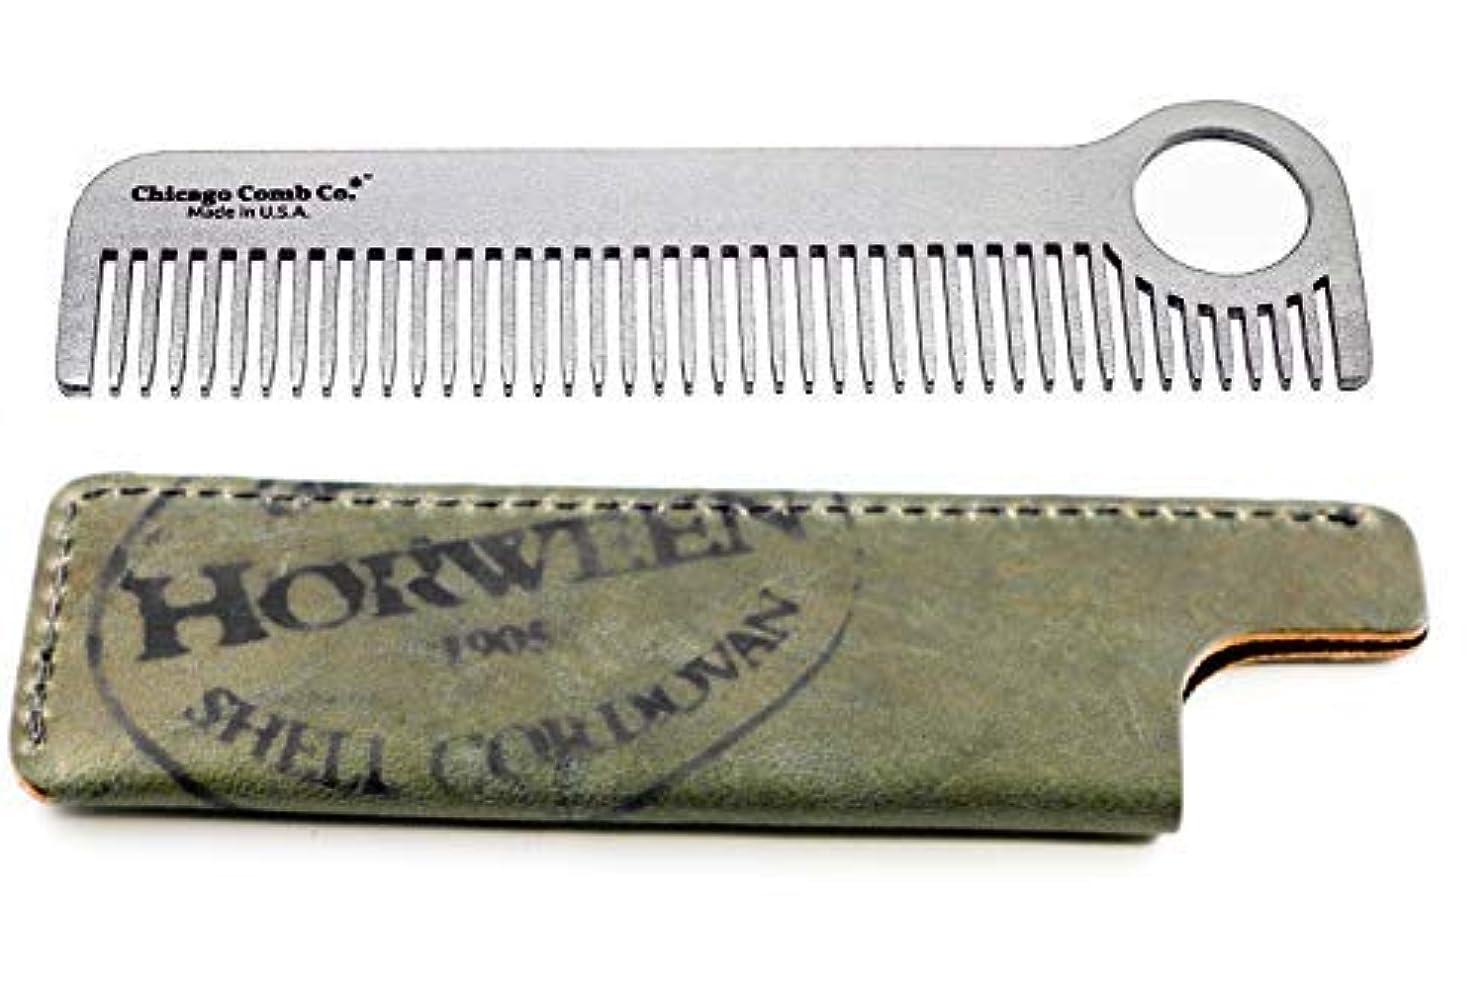 著者学士マカダムChicago Comb Model 1 Stainless Steel + Horween Olive Shell Cordovan Sheath, Made in USA, Ultra-Smooth, Durable, Anti-Static, 5.5 in. (14 cm) Long, Medium Tines, Ultimate Daily Use Comb, Gift Set [並行輸入品]